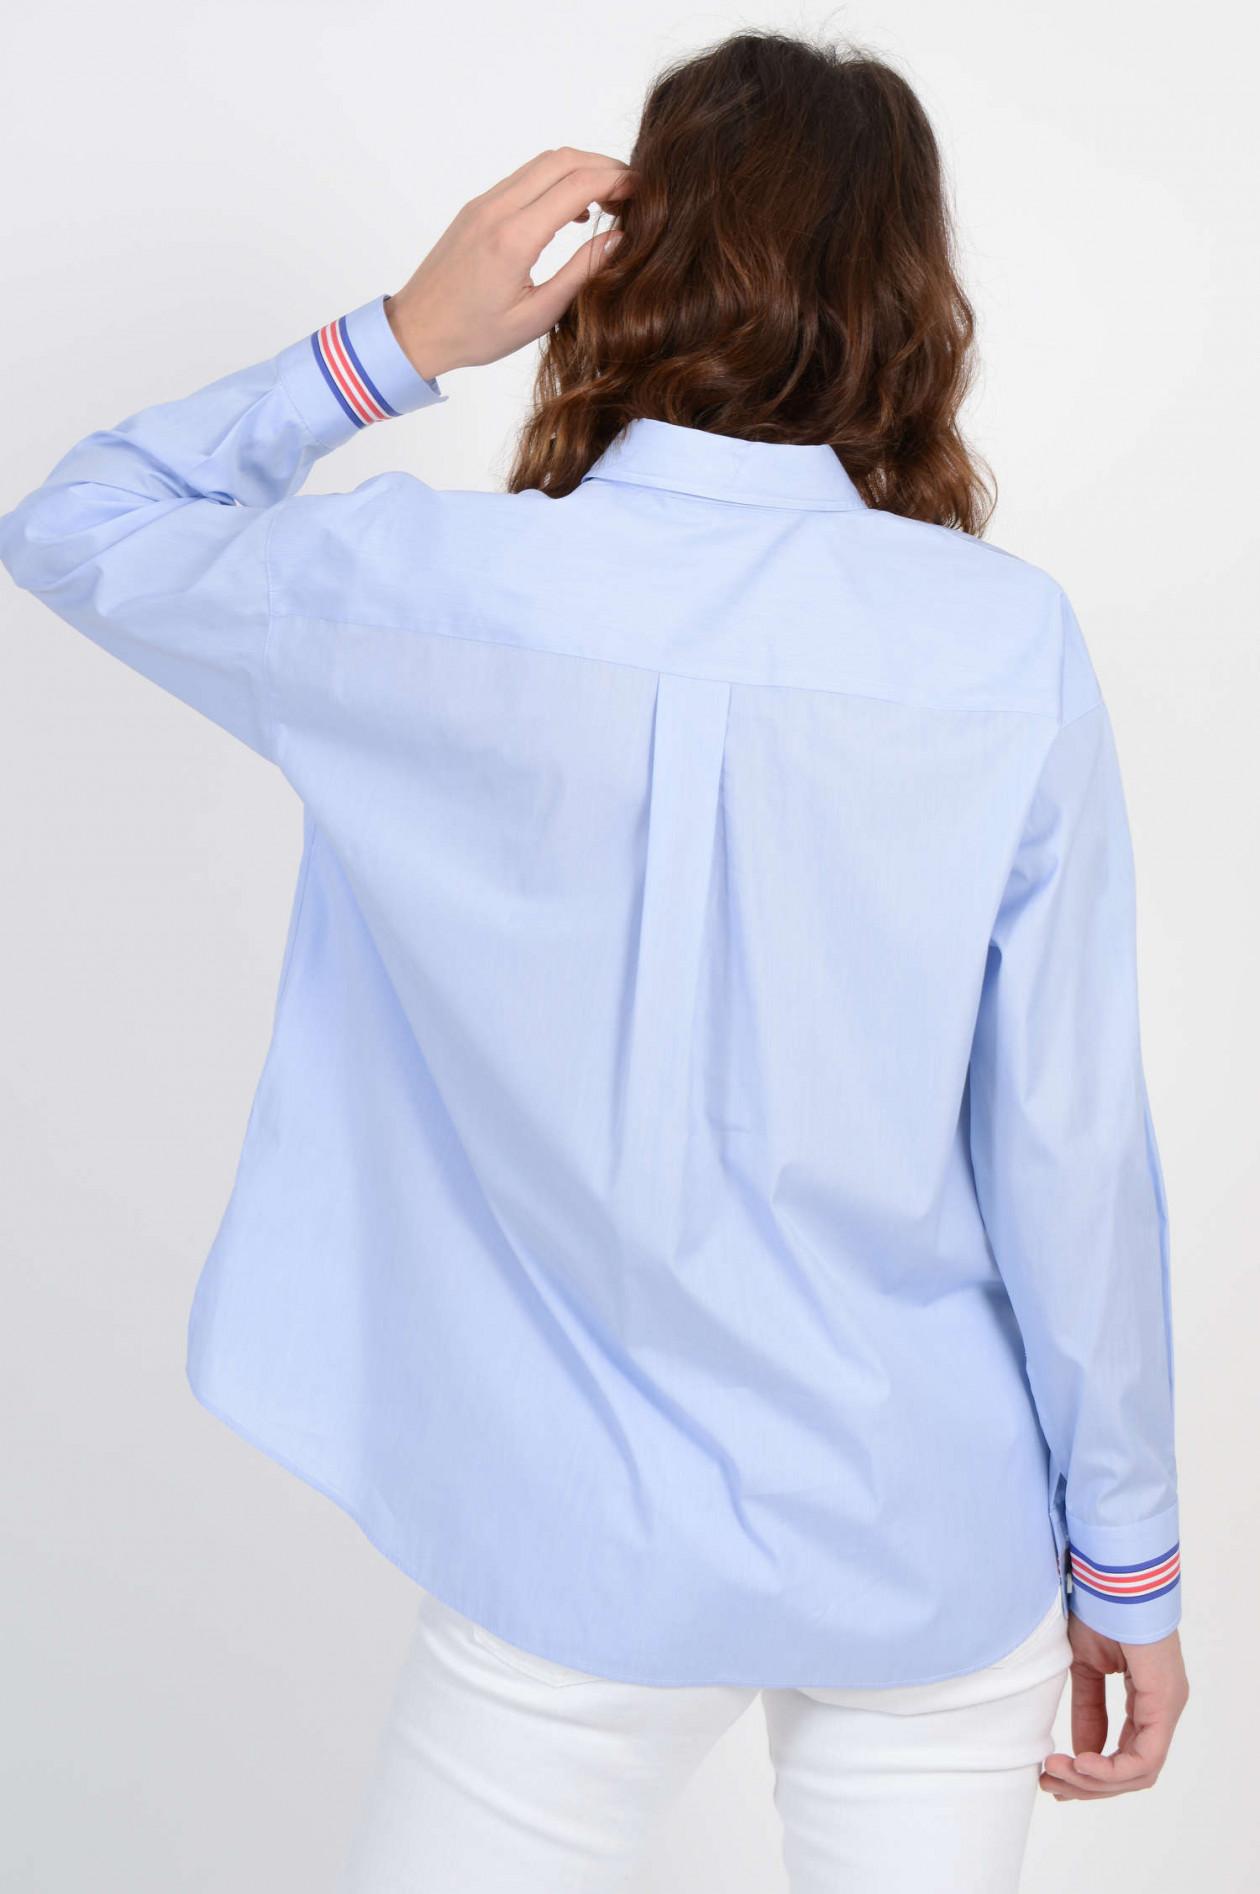 blusen damen blau weiß gestreift caliban